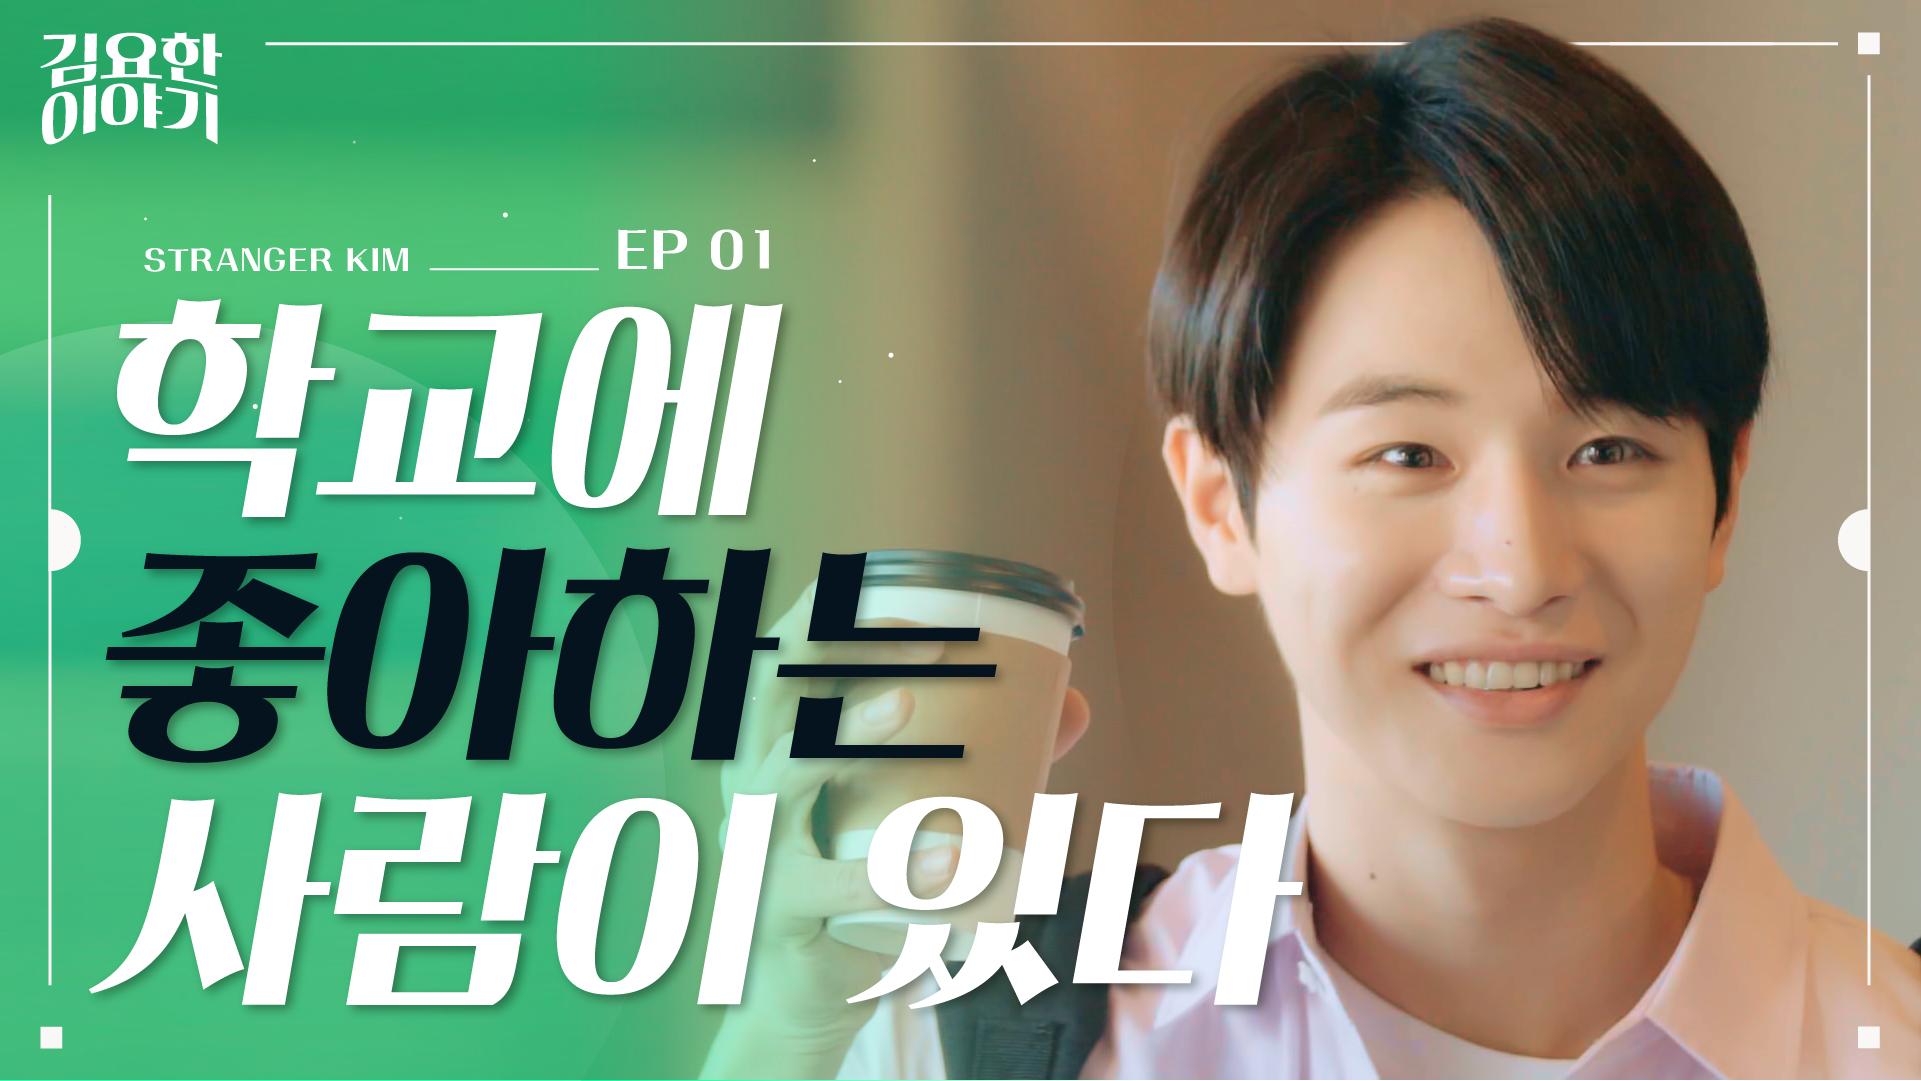 좋아하는 사람이 생겼다 [김요한 이야기] EP01 내 이름은 김요한